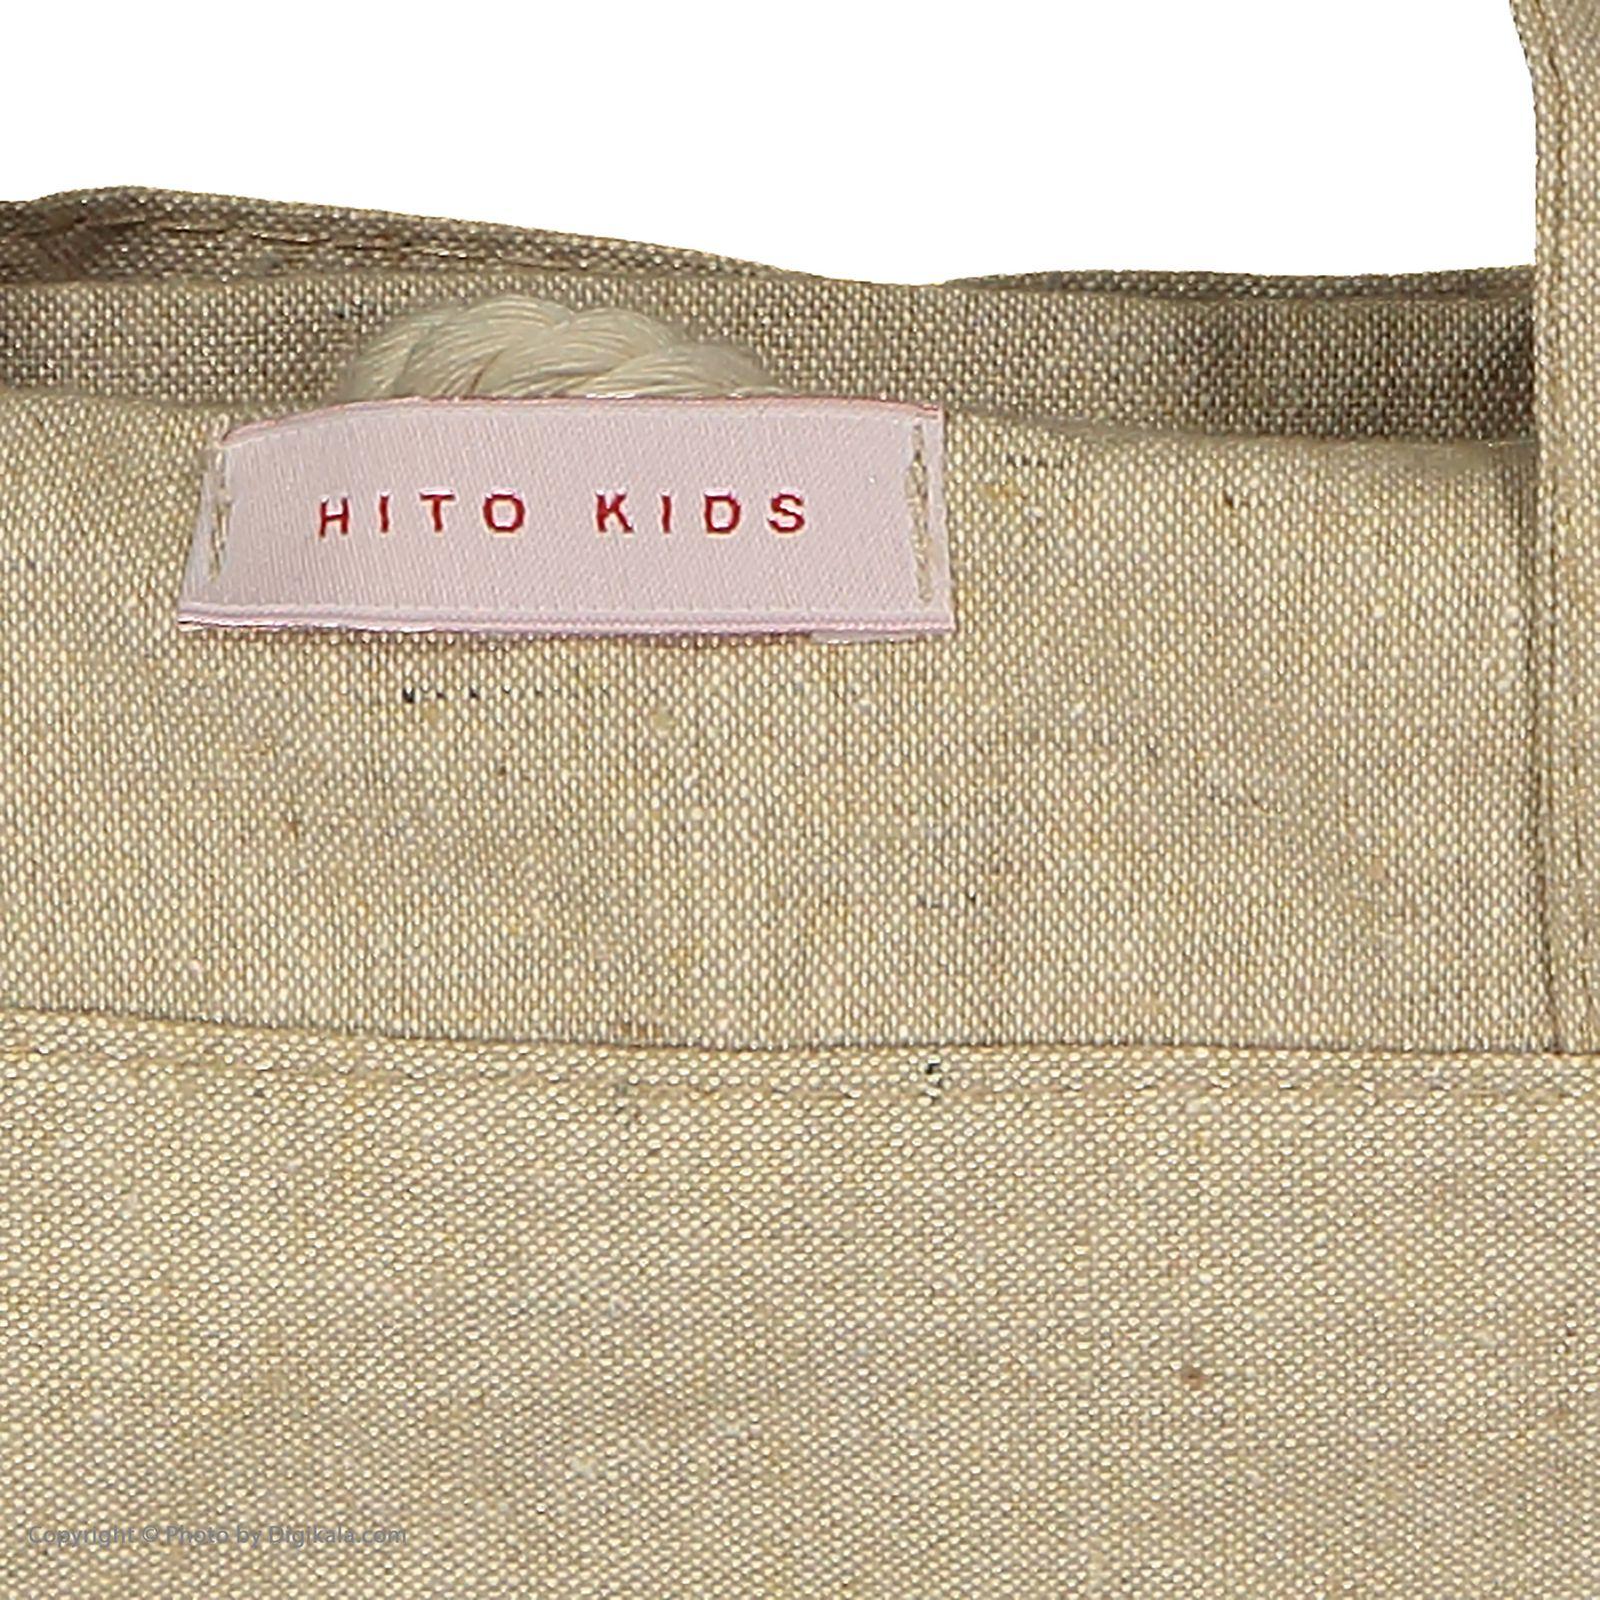 کوله پشتی پسرانه هیتو استایل مدل K14F188 -  - 4